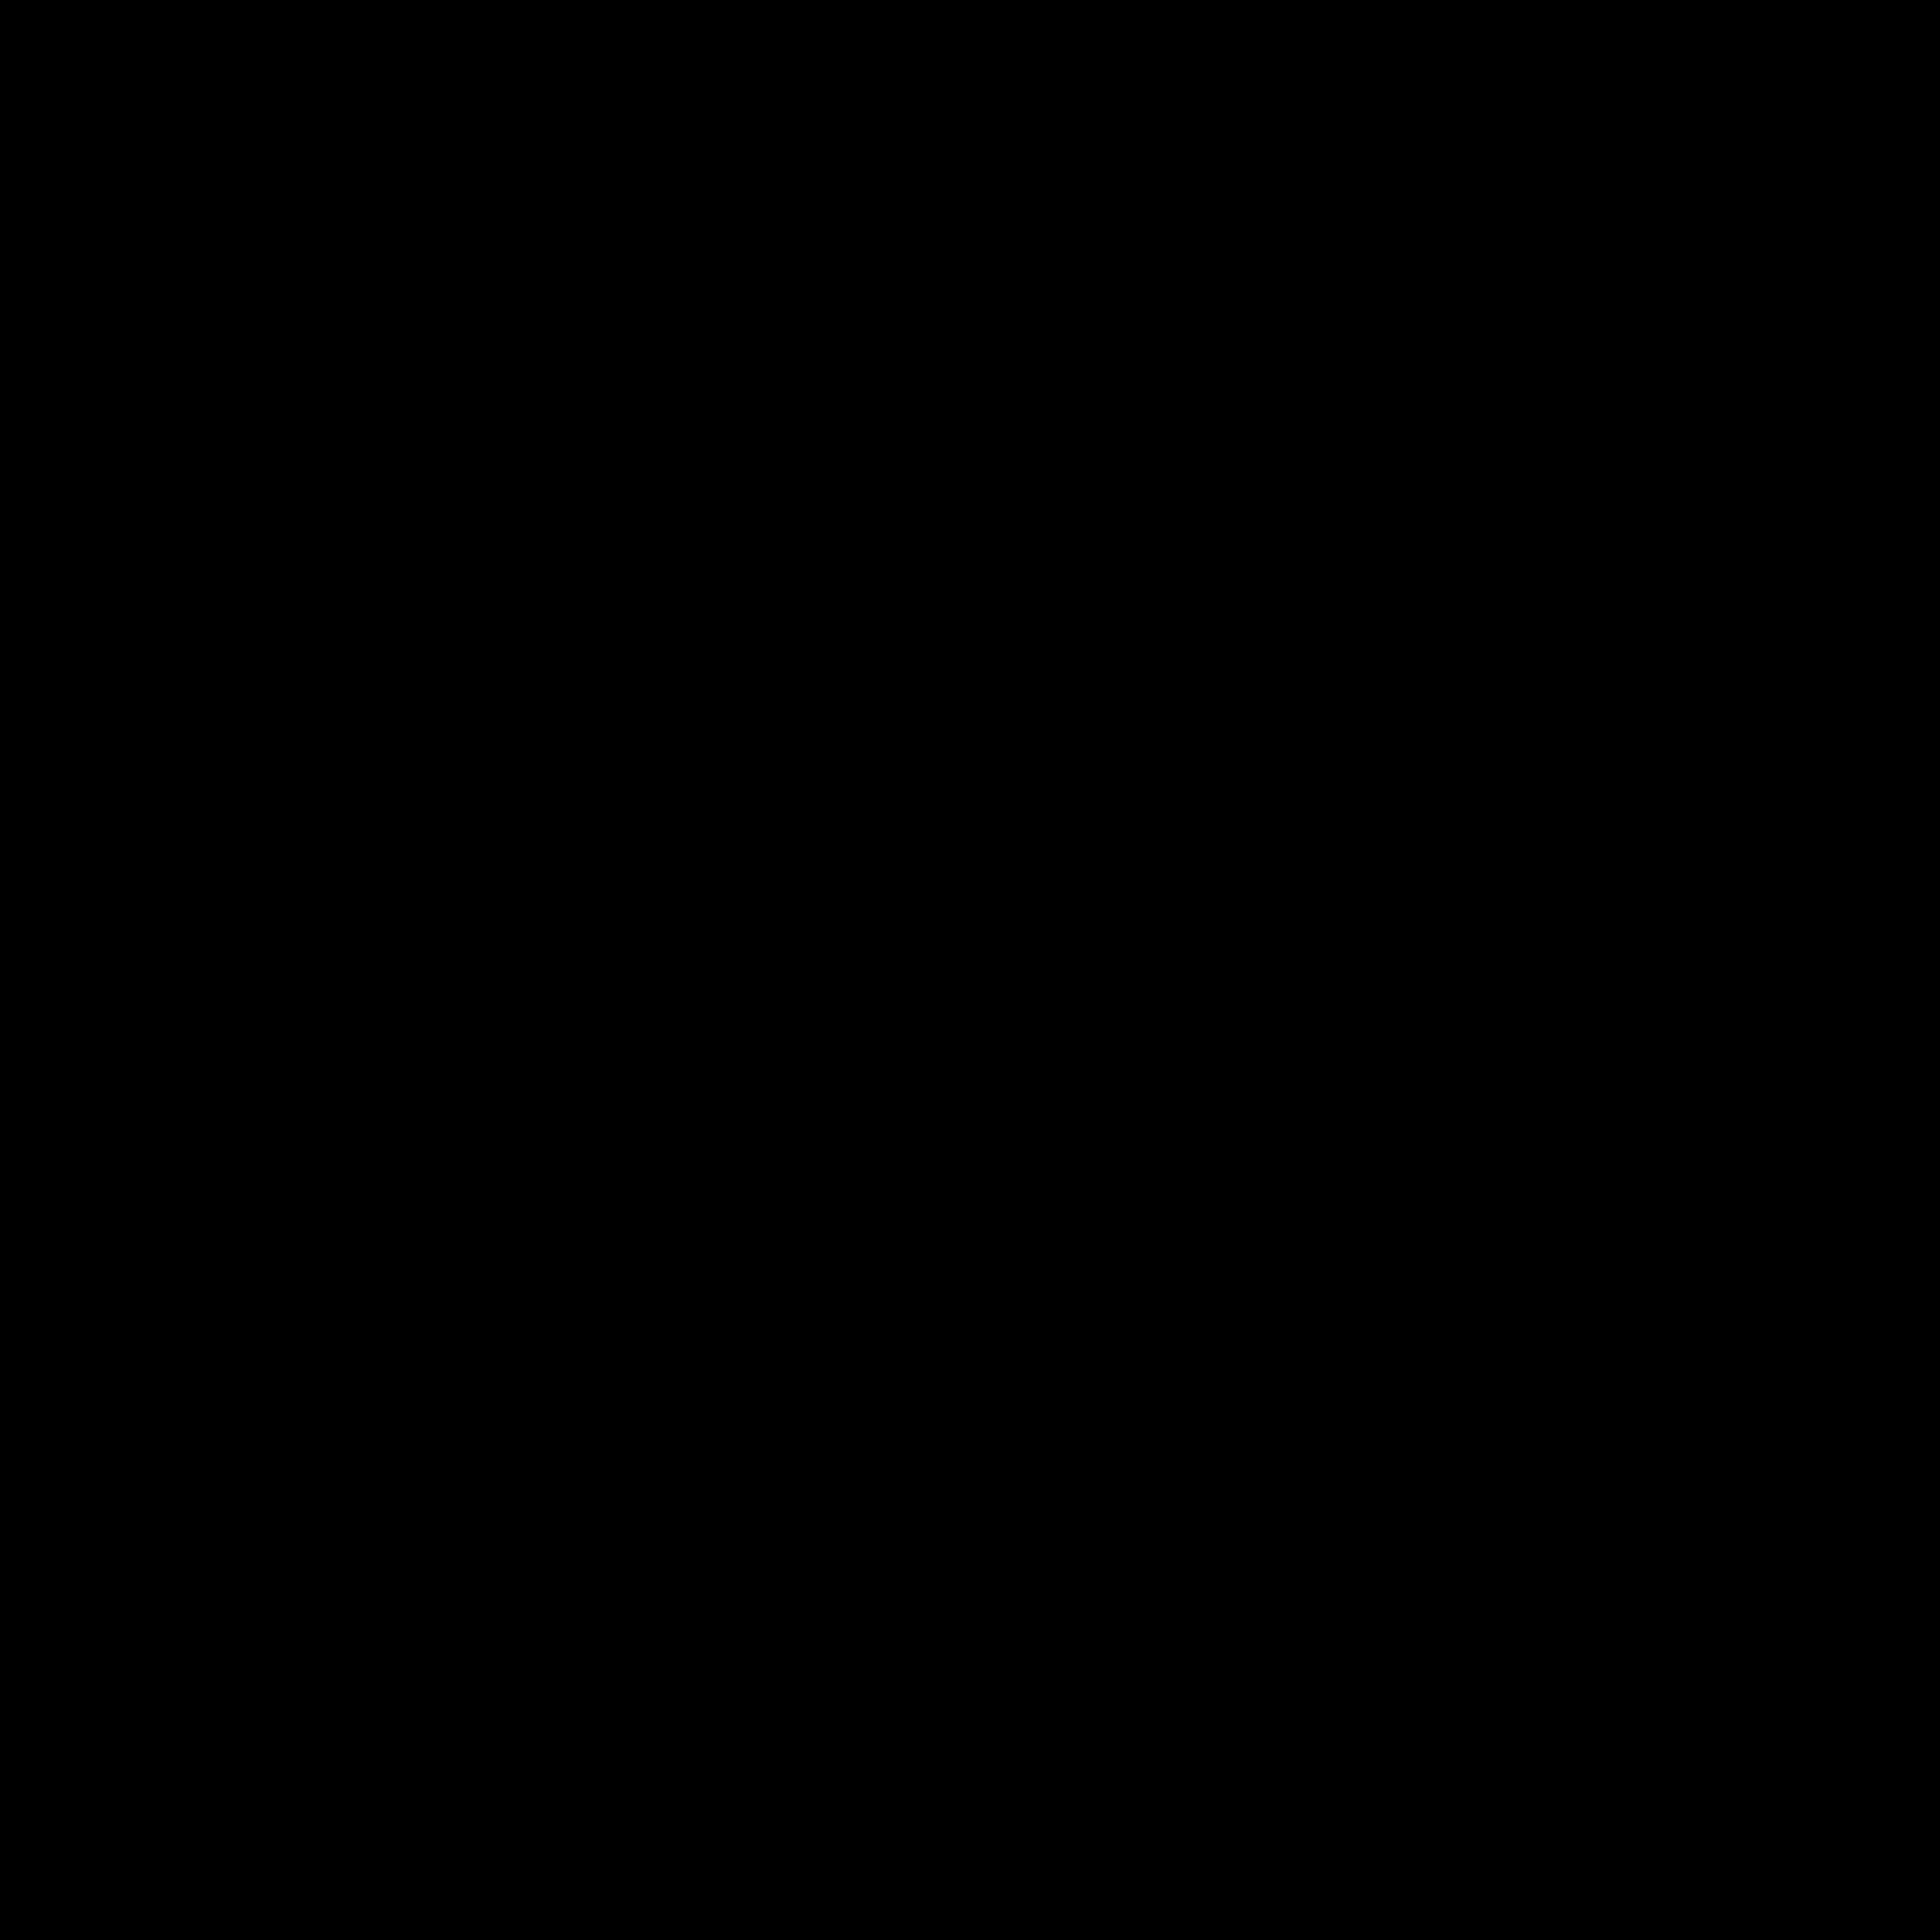 American Gypsy Tattoo, Inc.